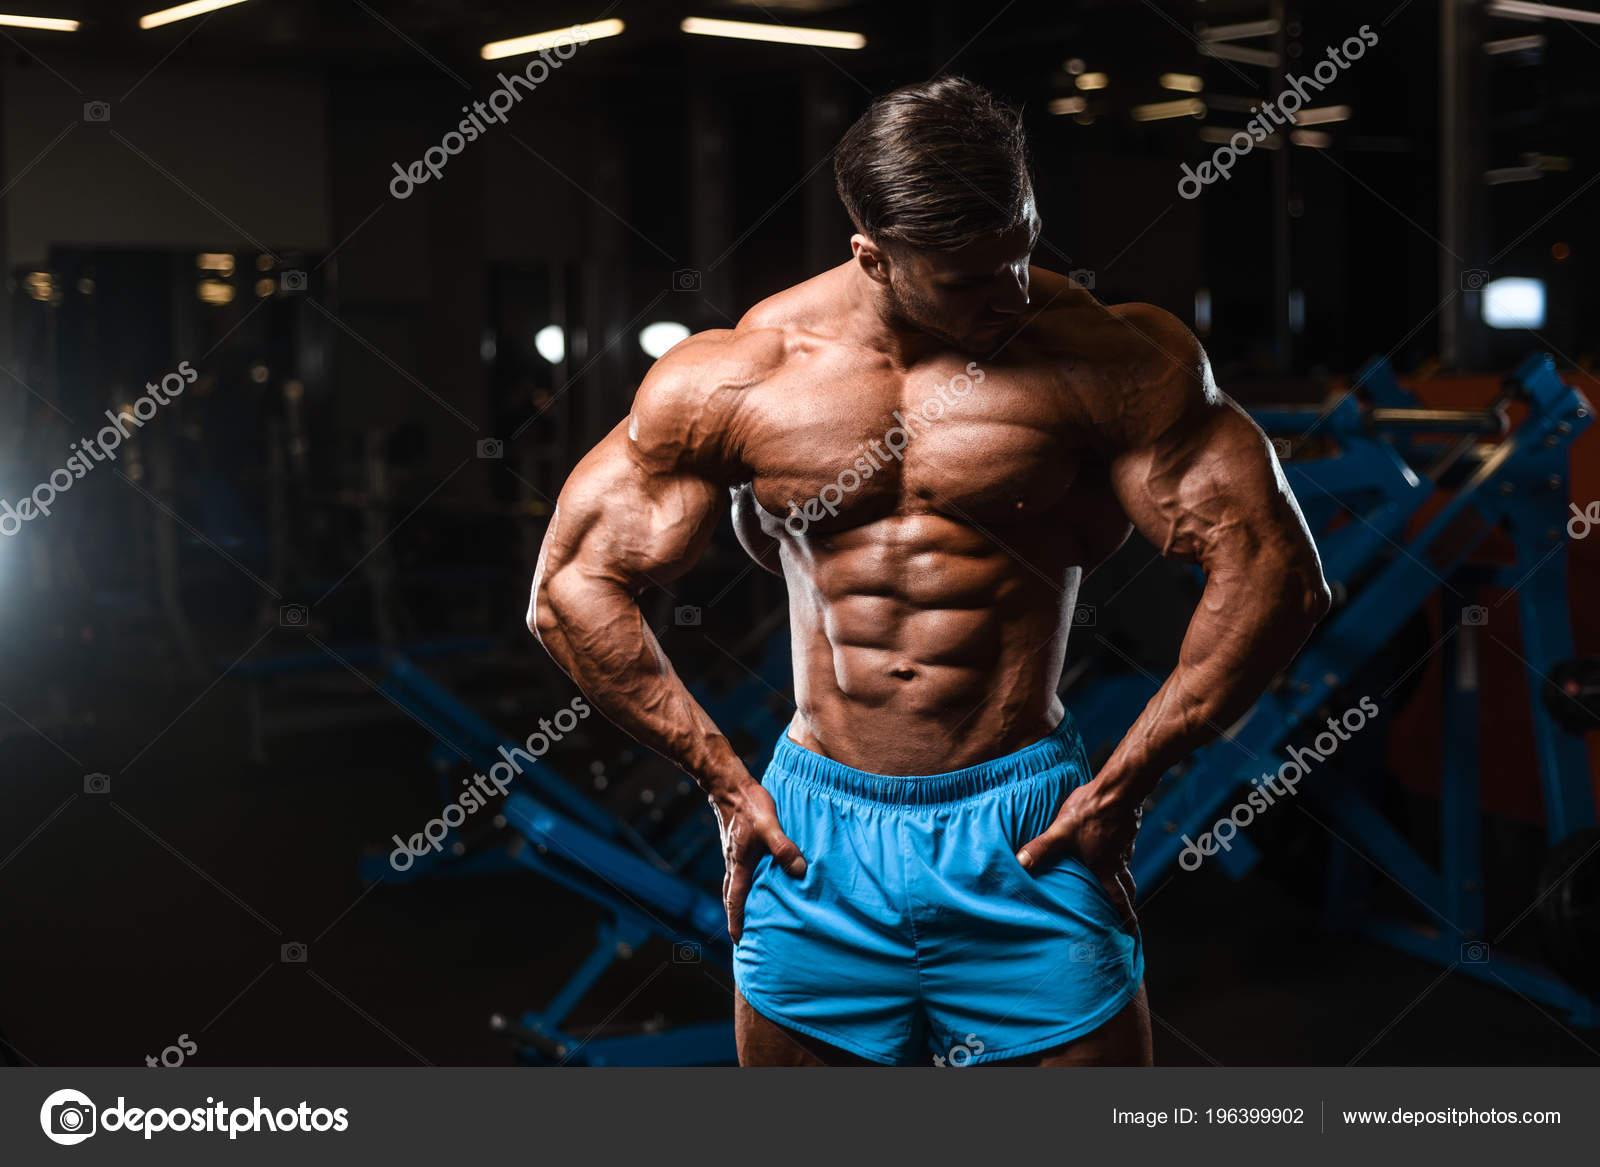 Hübscher Junger Fit Muskulöser Kaukasischer Mann Modell Aussehen ...